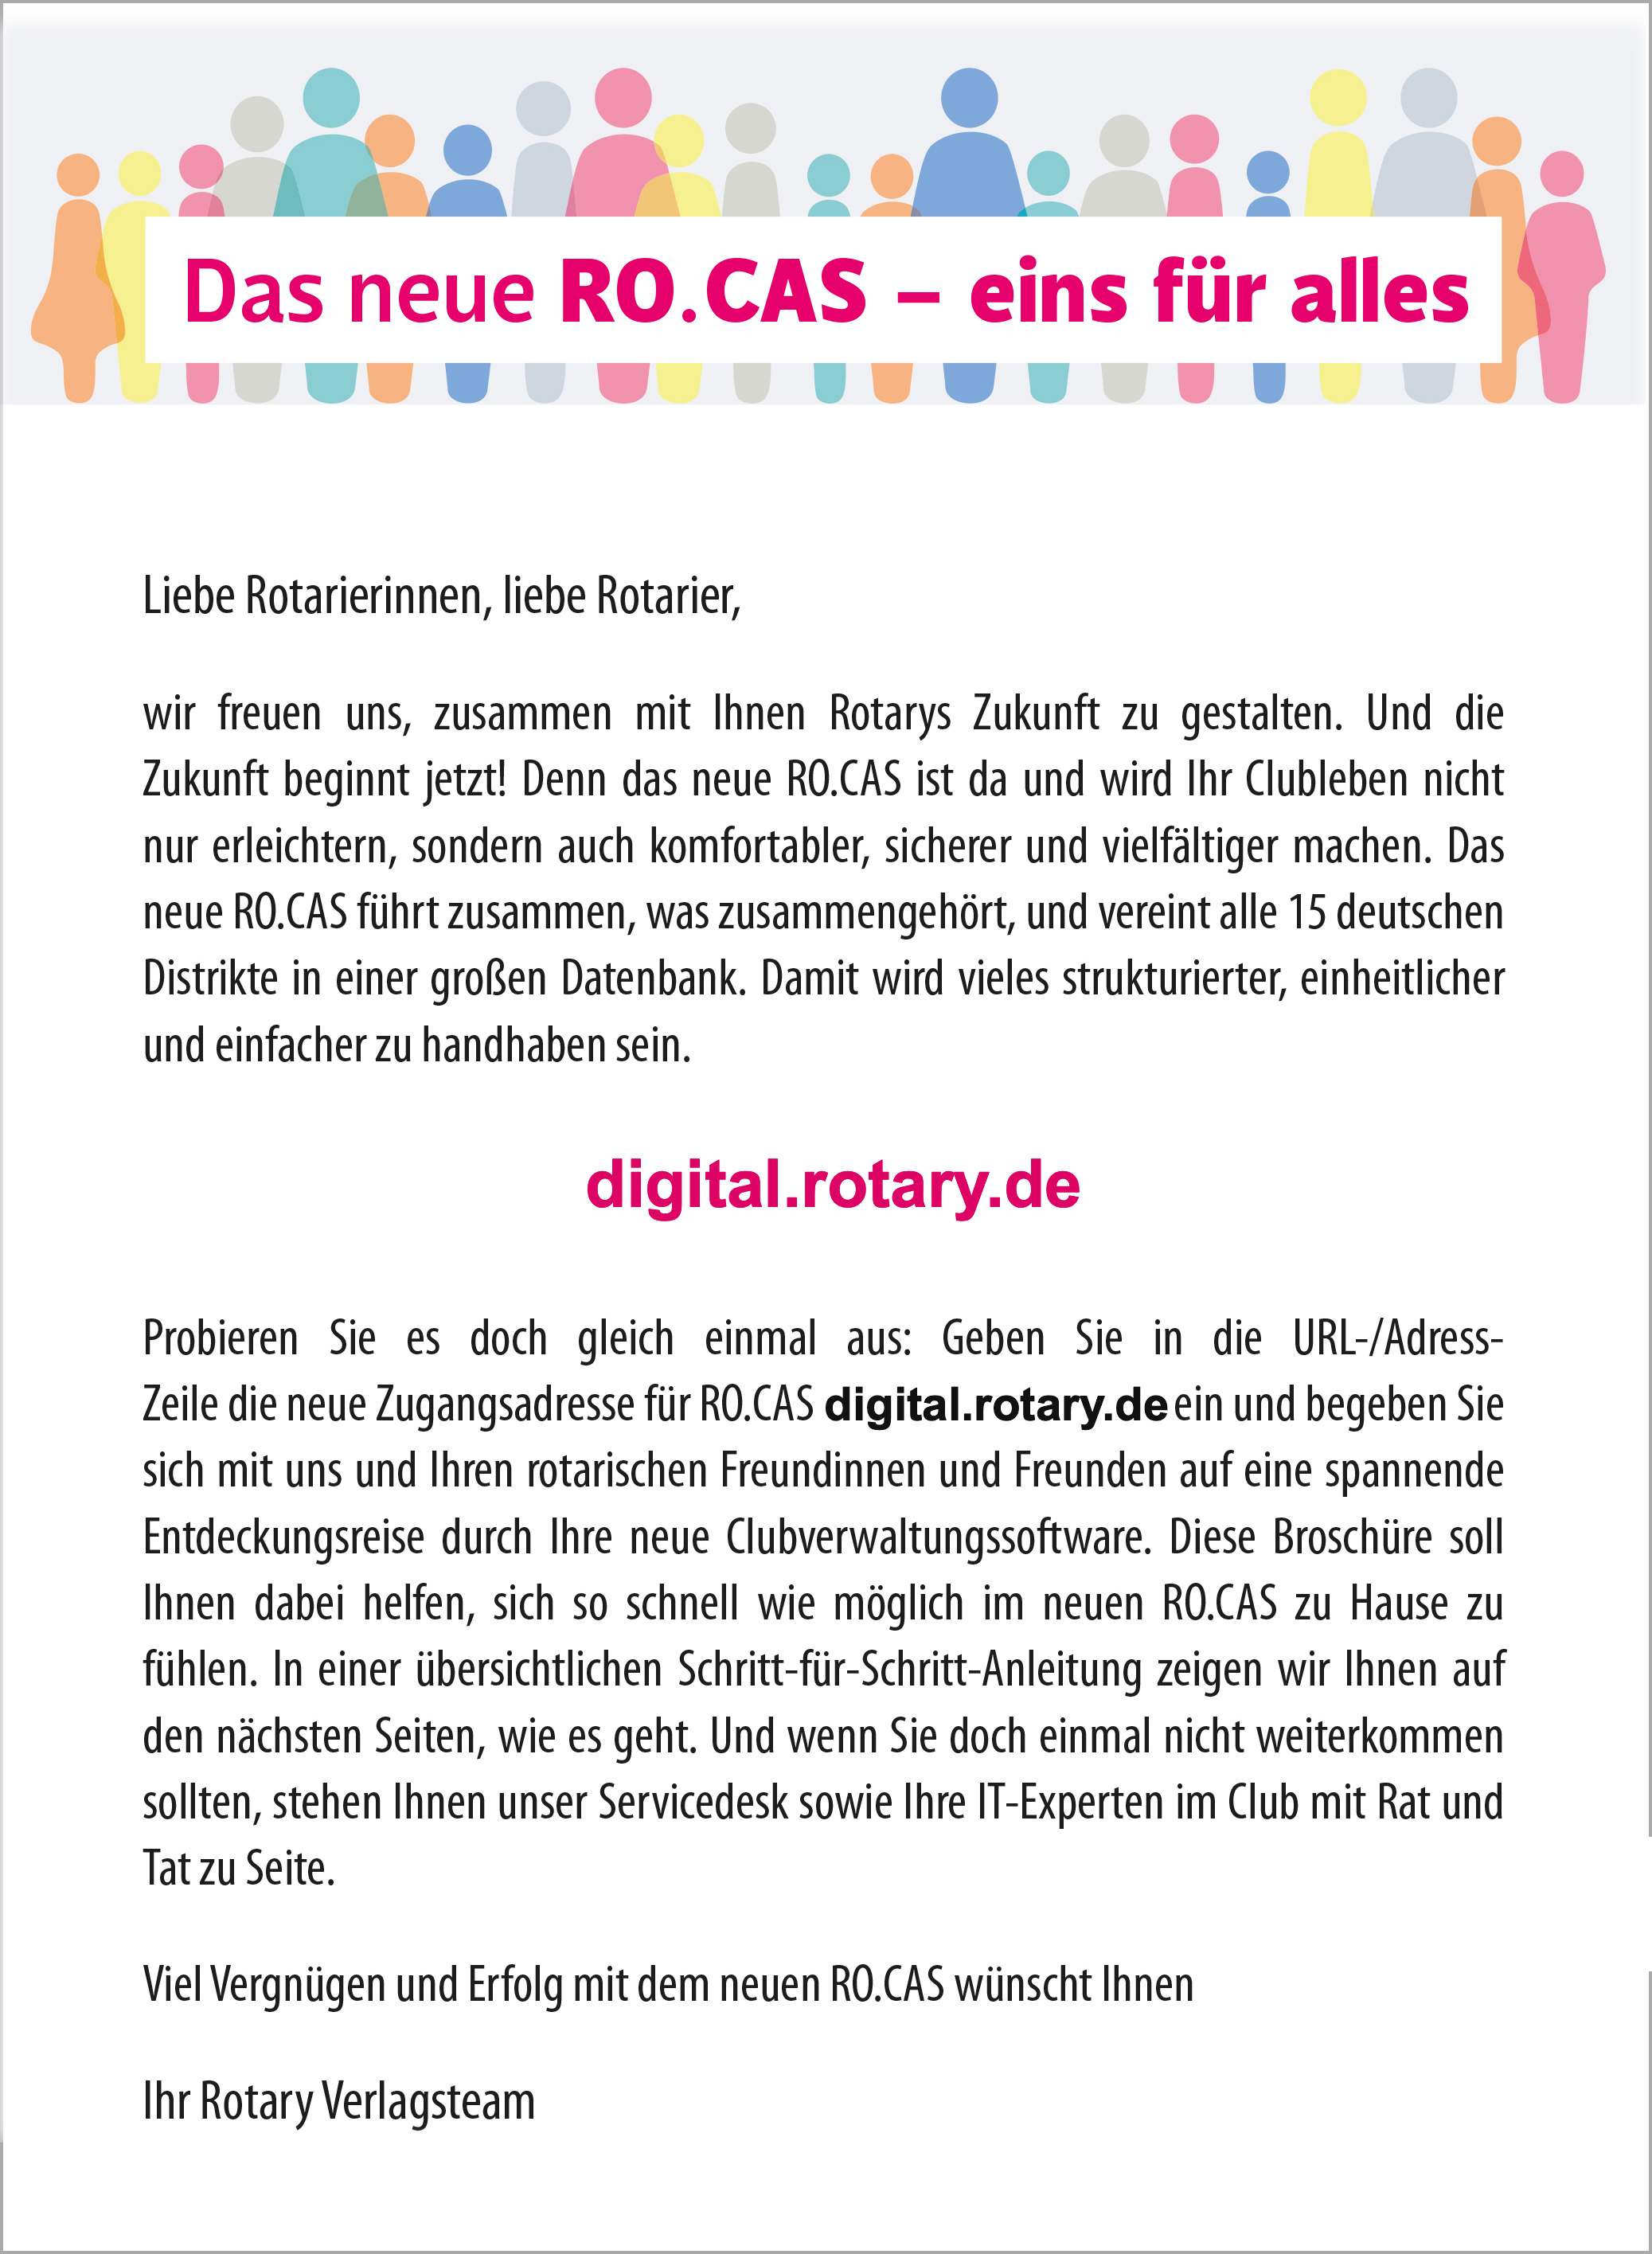 2020, ro.cas, rocas, RO.CAS, clubverwaltungssoftware, END